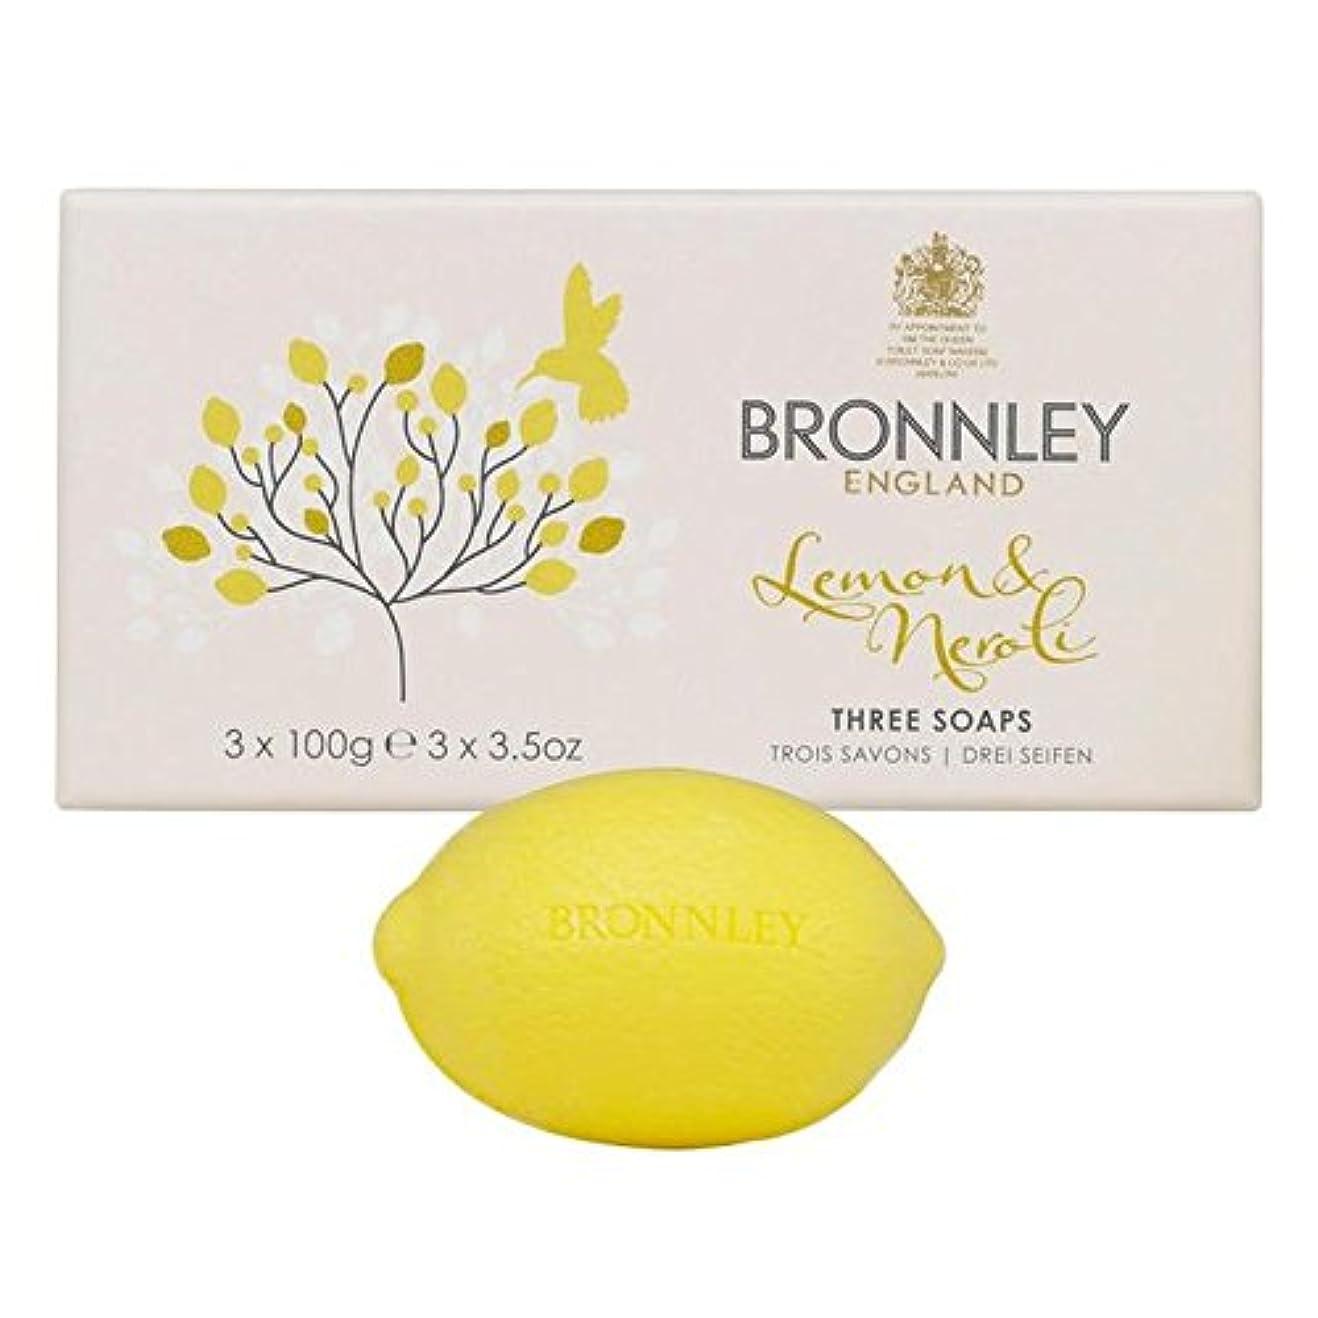 最もスキーム立ち寄るレモン&ネロリ石鹸3×100グラム x2 - Bronnley Lemon & Neroli Soaps 3 x 100g (Pack of 2) [並行輸入品]